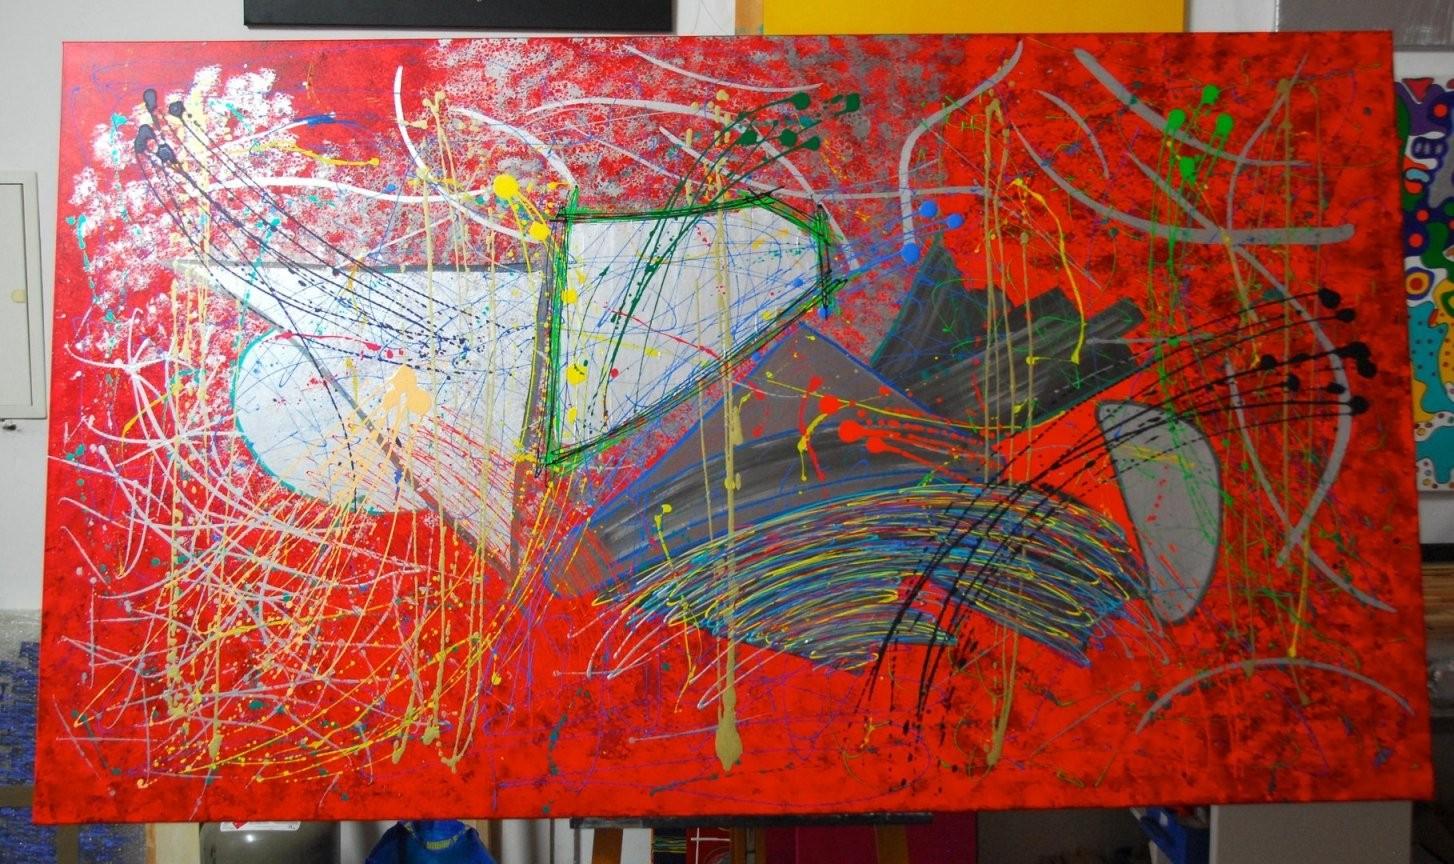 210X120Cm Acryl Leinwand Abstrakt von Bilder Auf Leinwand Abstrakt Bild